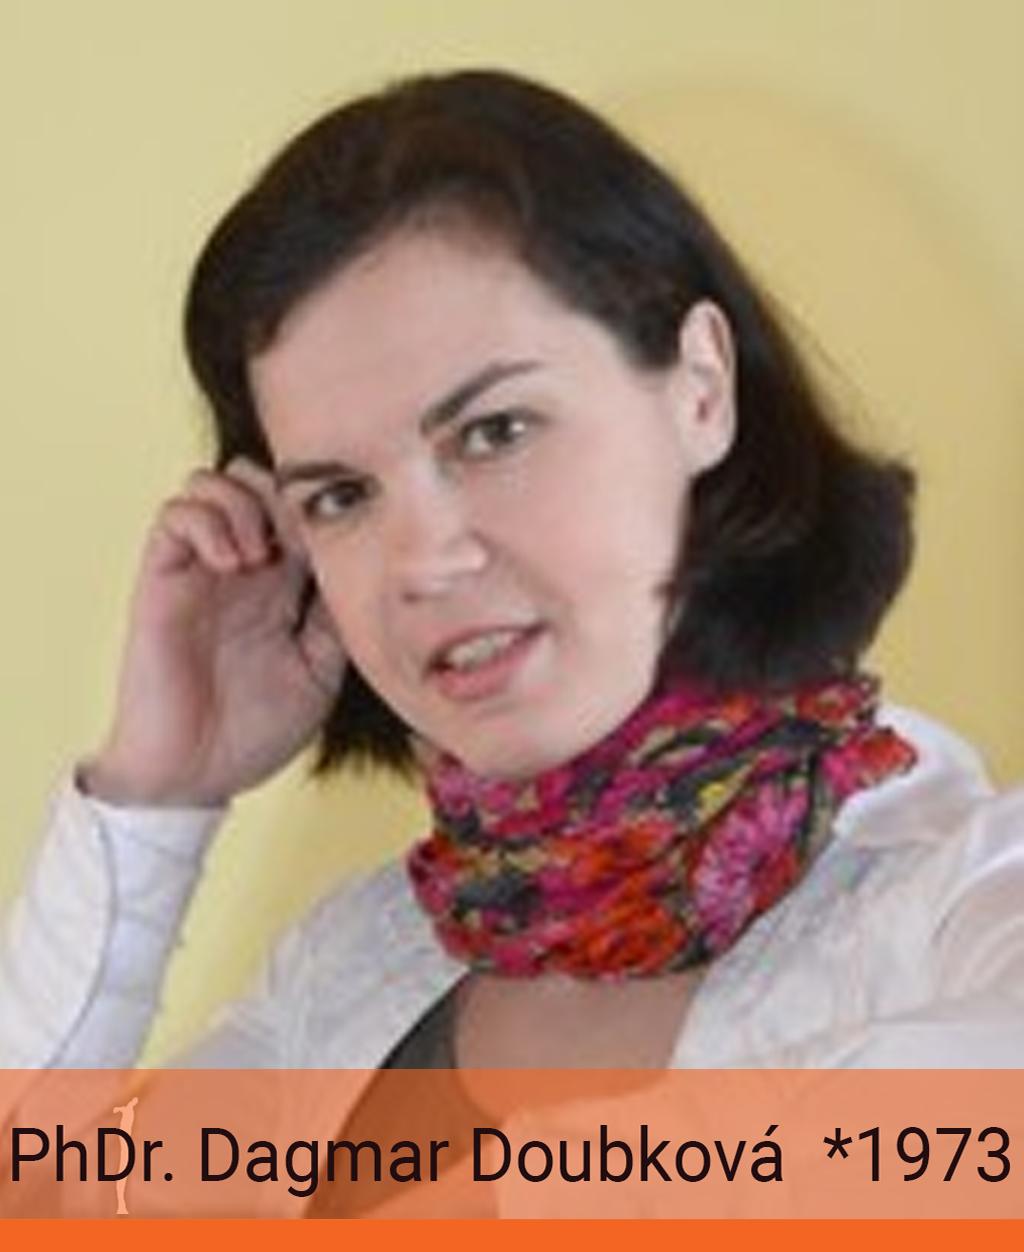 psychology, psycholog Praha, psychoterapie, psychoterapie Praha, psychoterapie praha 1, psychologická poradna, psychologická poradna Praha, gestalt terapie, psychoterapeut Praha, psychologické poradenství, terapie, psychologie, psychologie Praha, psychiatr